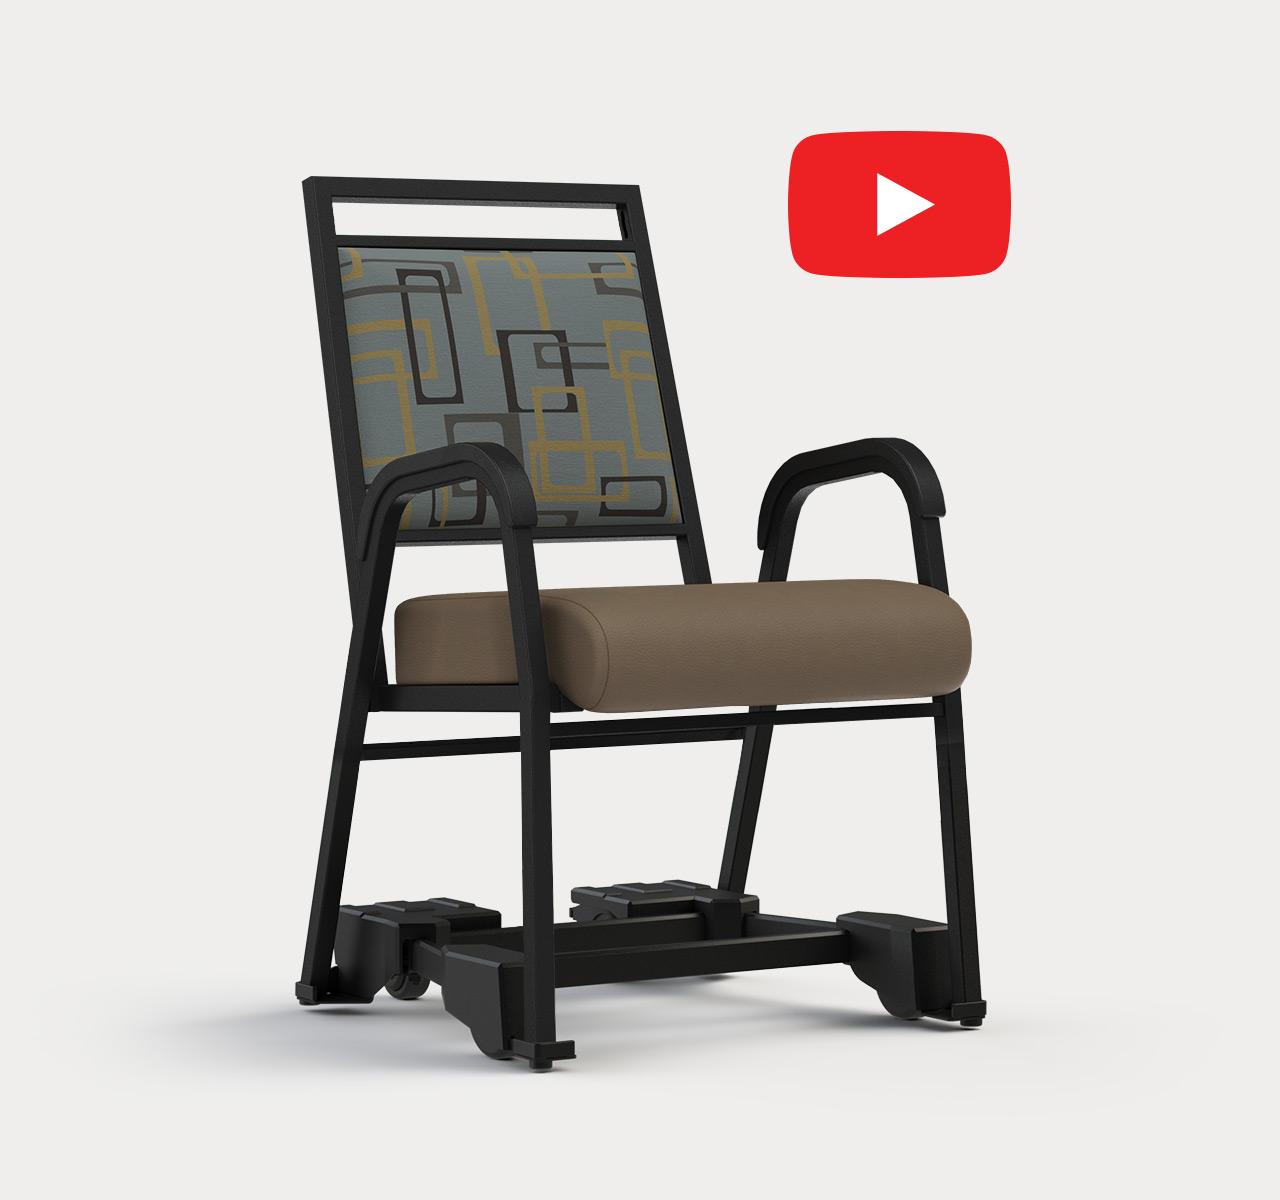 T2 w/ Chair Caddie 4